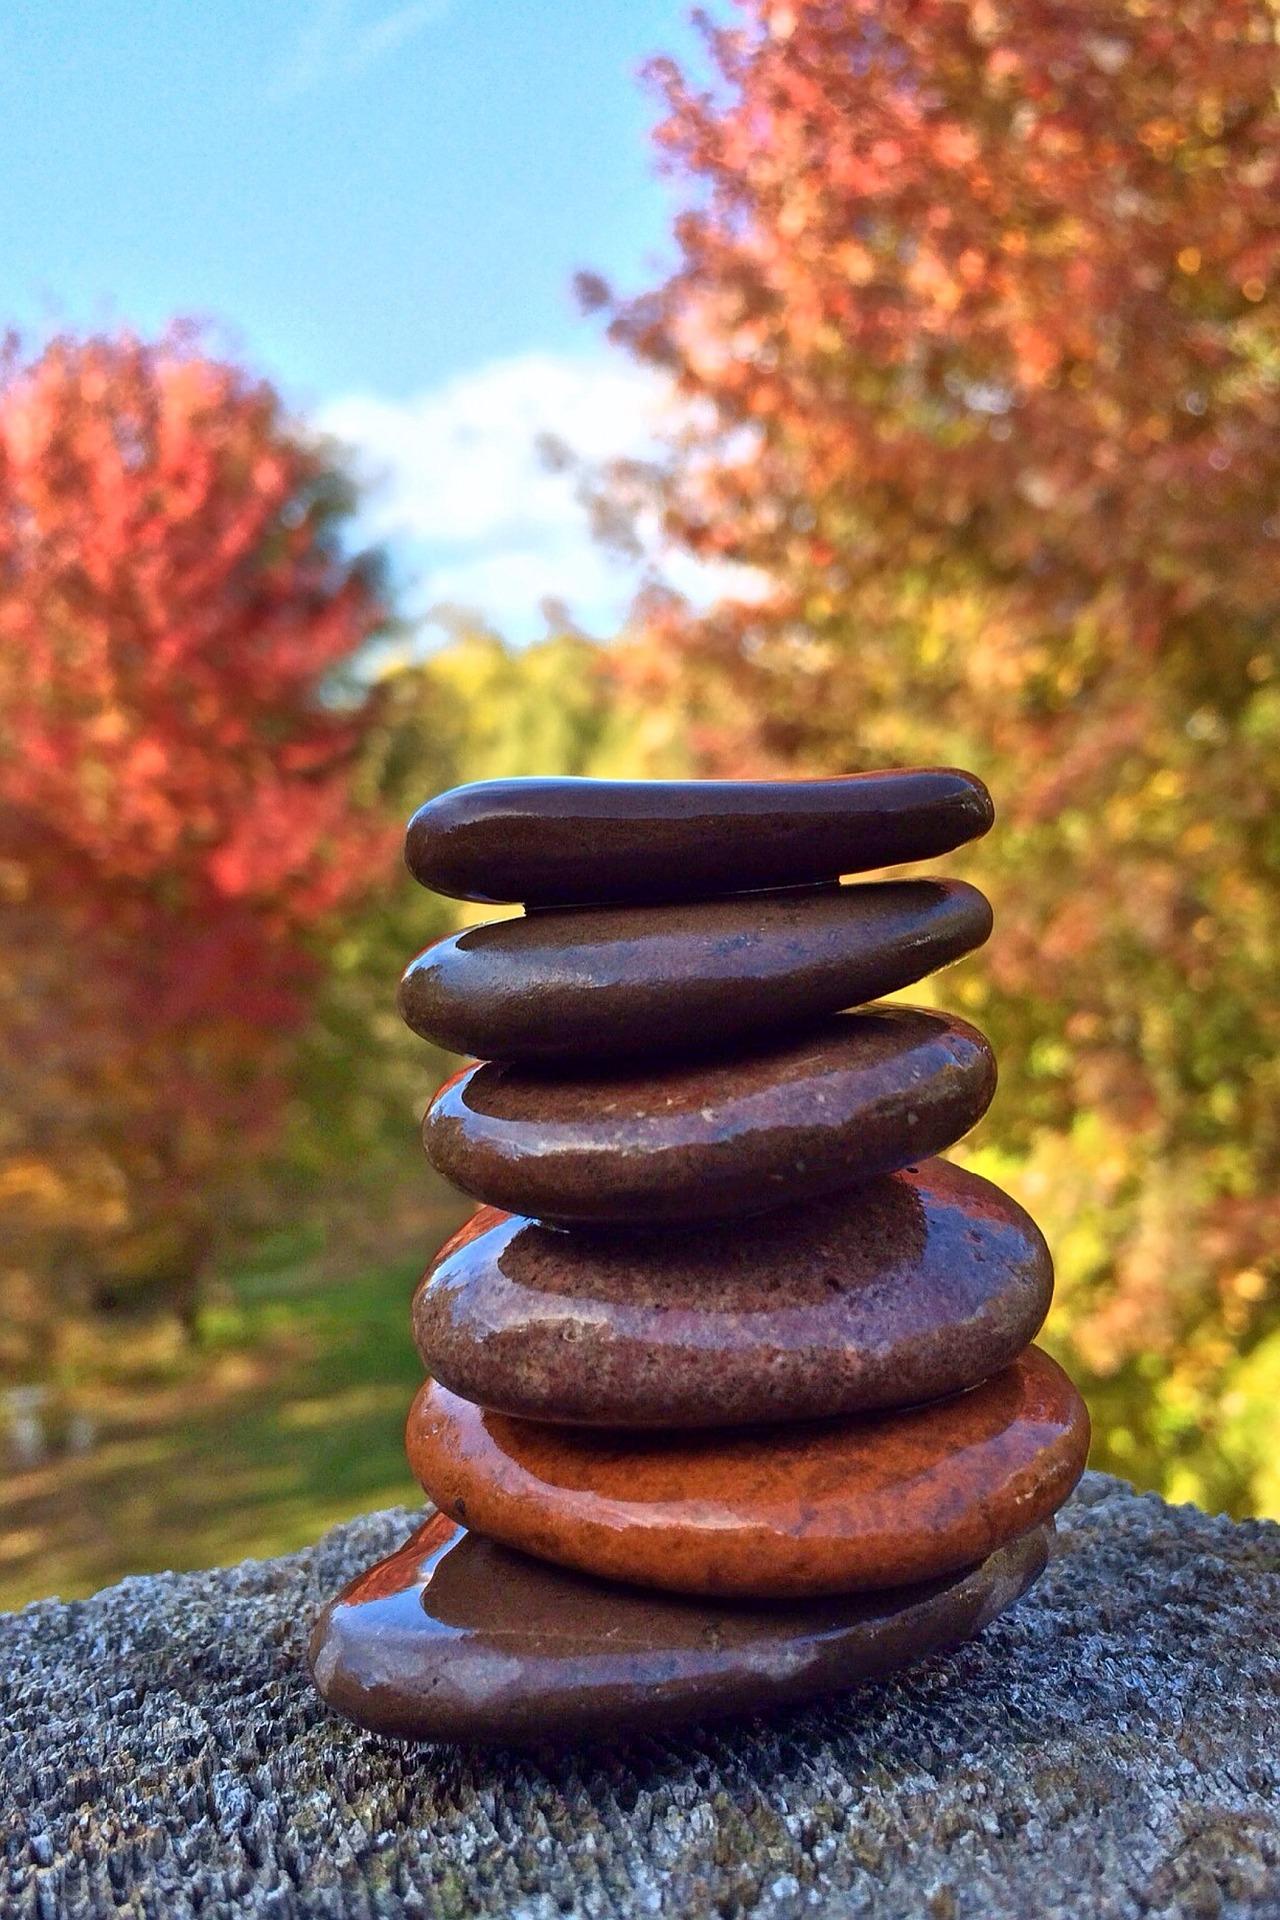 stacking-stones-667432_1920.jpg